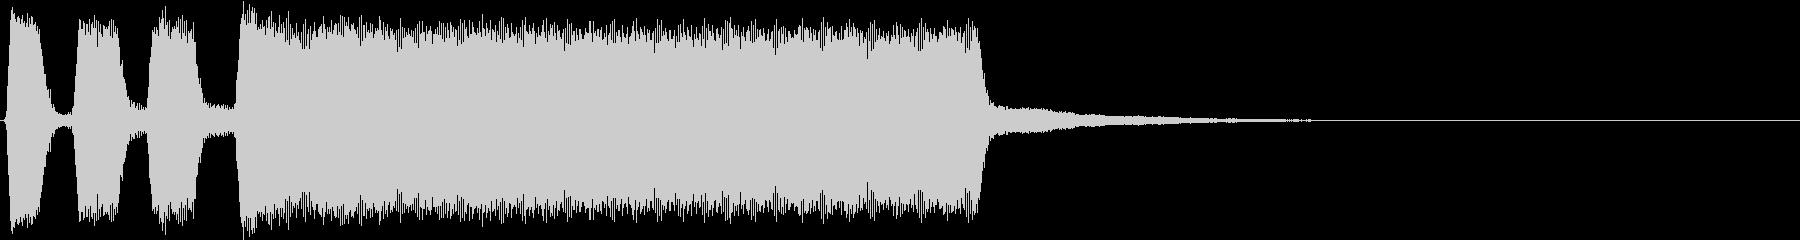 車のクラクション音の未再生の波形